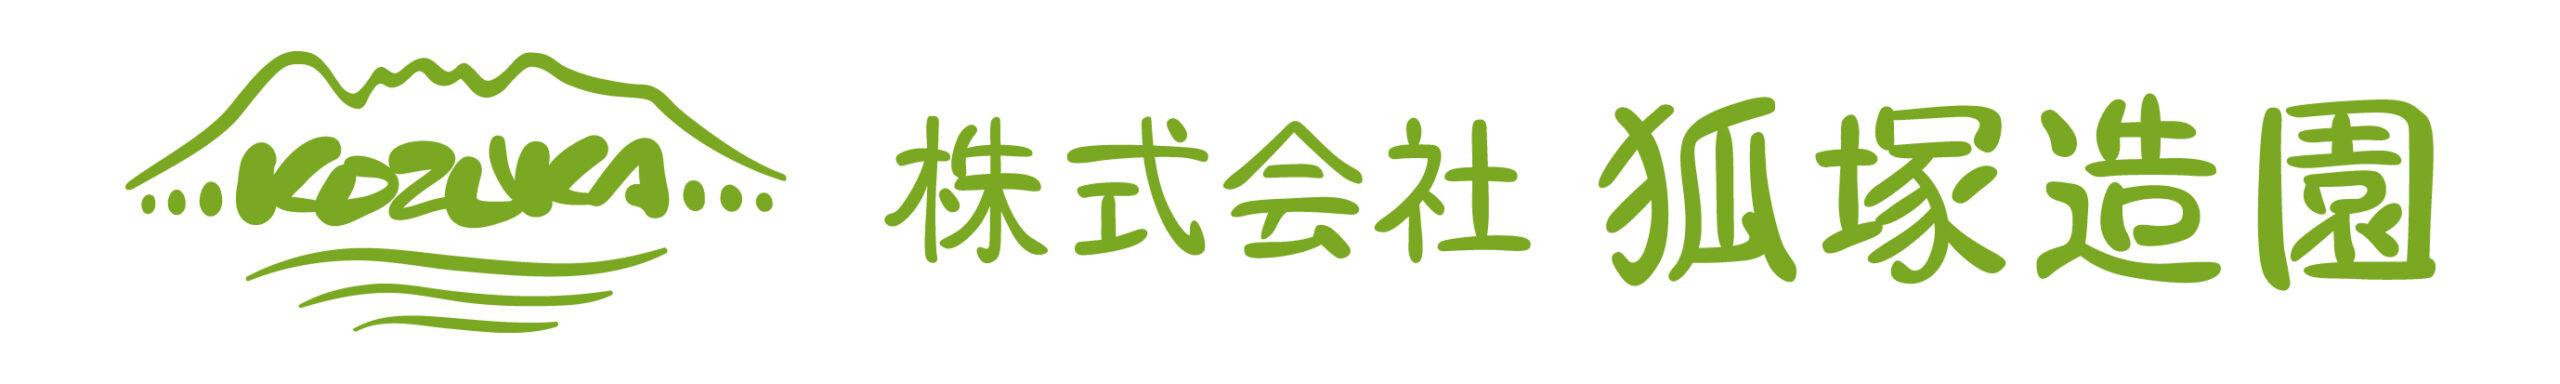 株式会社 狐塚造園